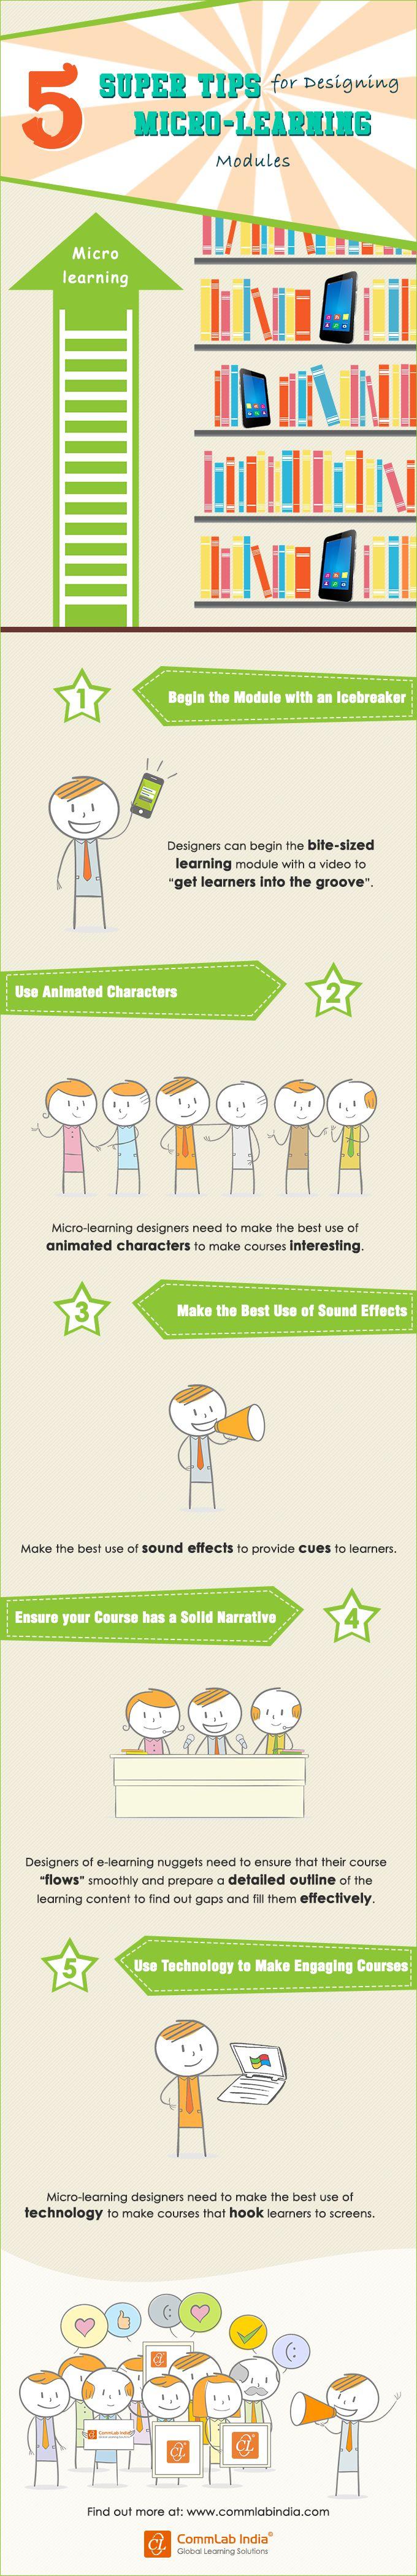 92 Best Training Models Methods Images On Pinterest